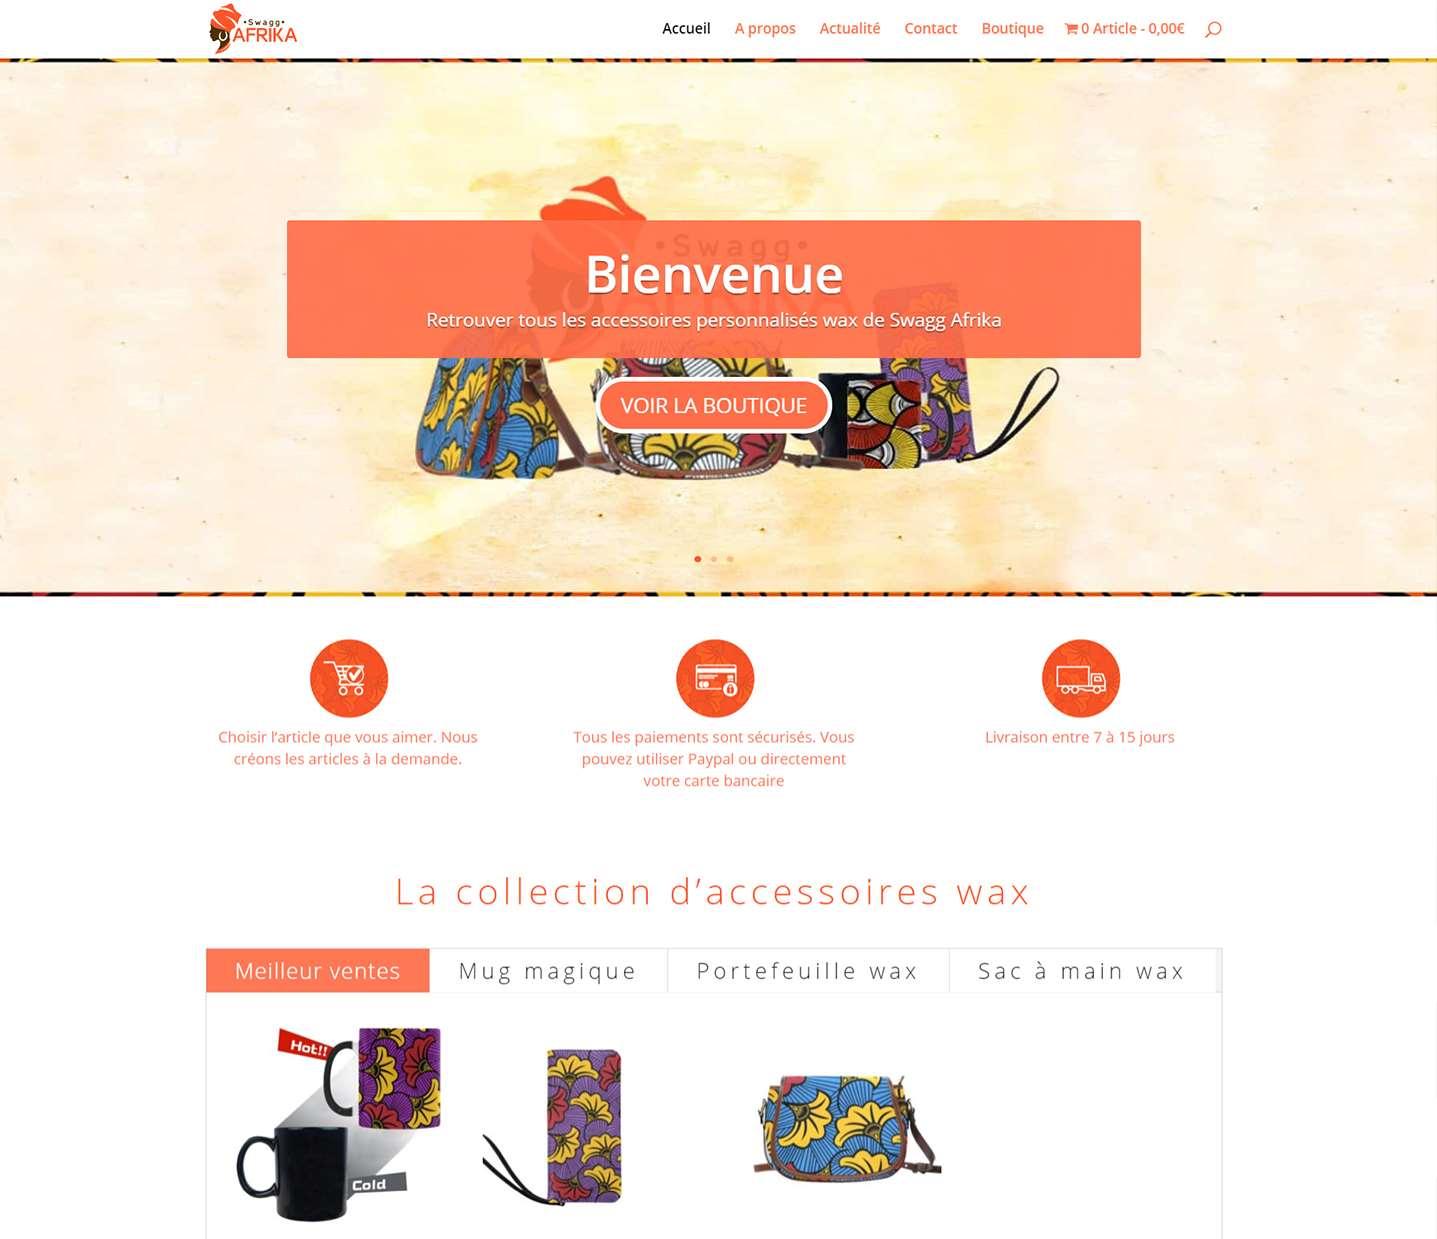 boutique en ligne swagg afrika vente de produit wax fait par lovinsky graphiste webdesigner